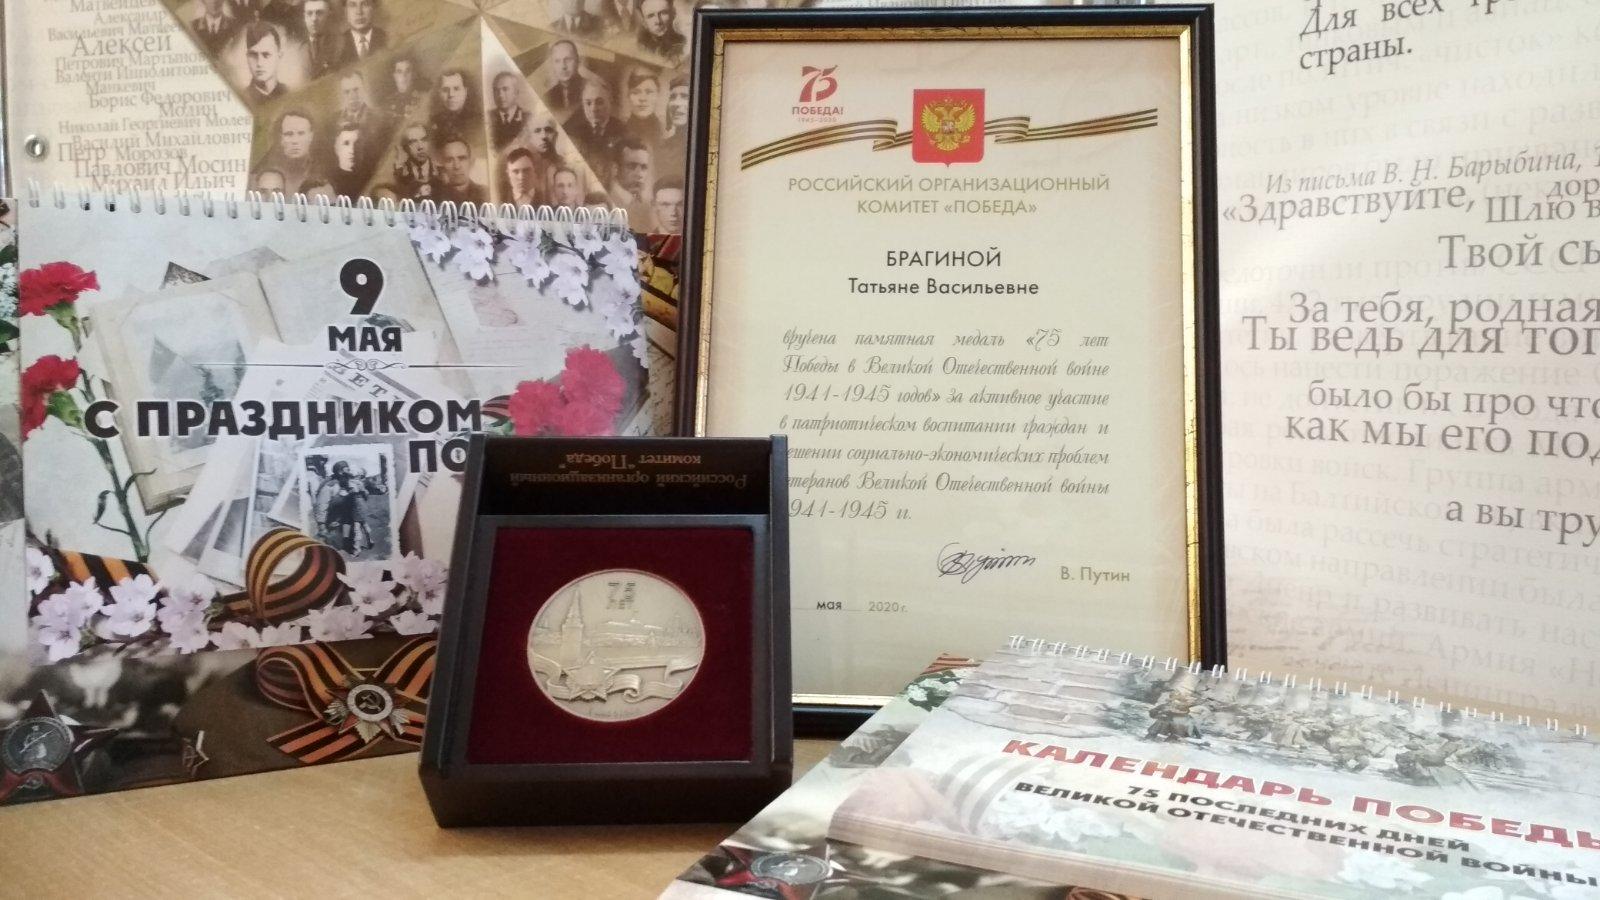 Памятная медаль Российского организационного комитета «Победа» «75 лет Победы в Великой Отечественной войне 1941-1945 годов»